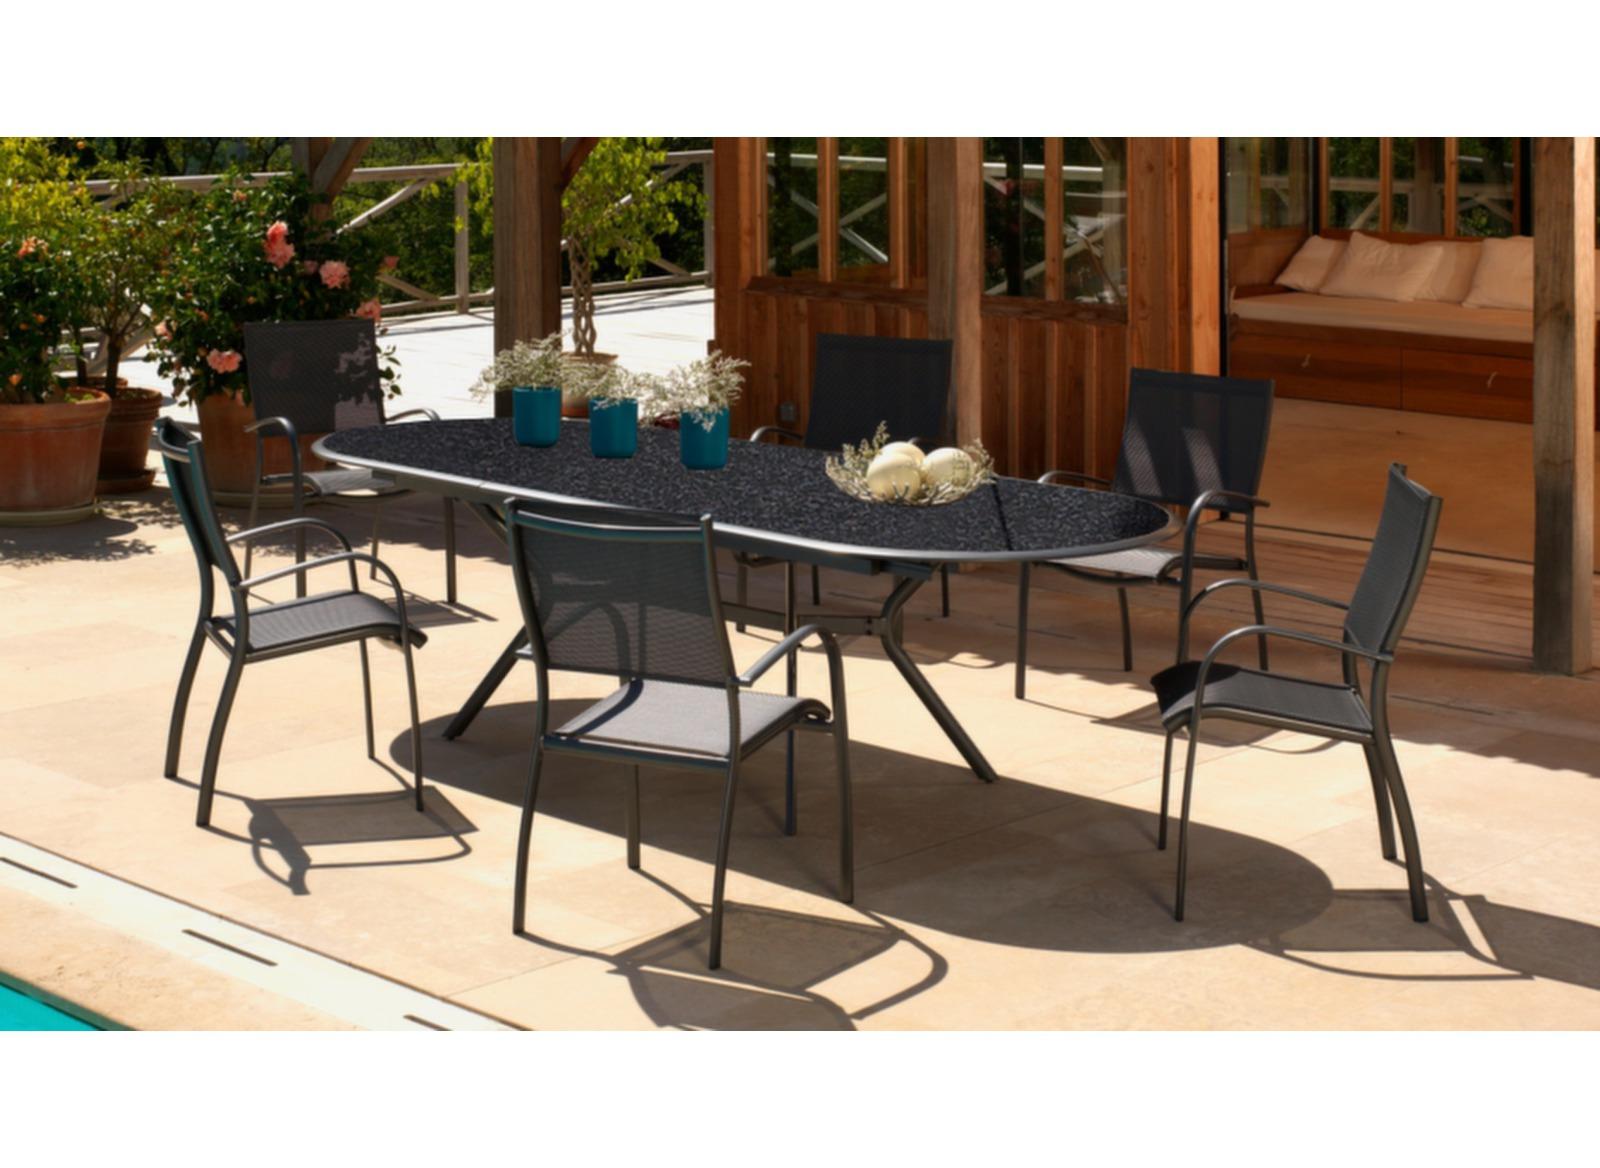 mobilier de jardin haut de gamme photos de conception de maison. Black Bedroom Furniture Sets. Home Design Ideas